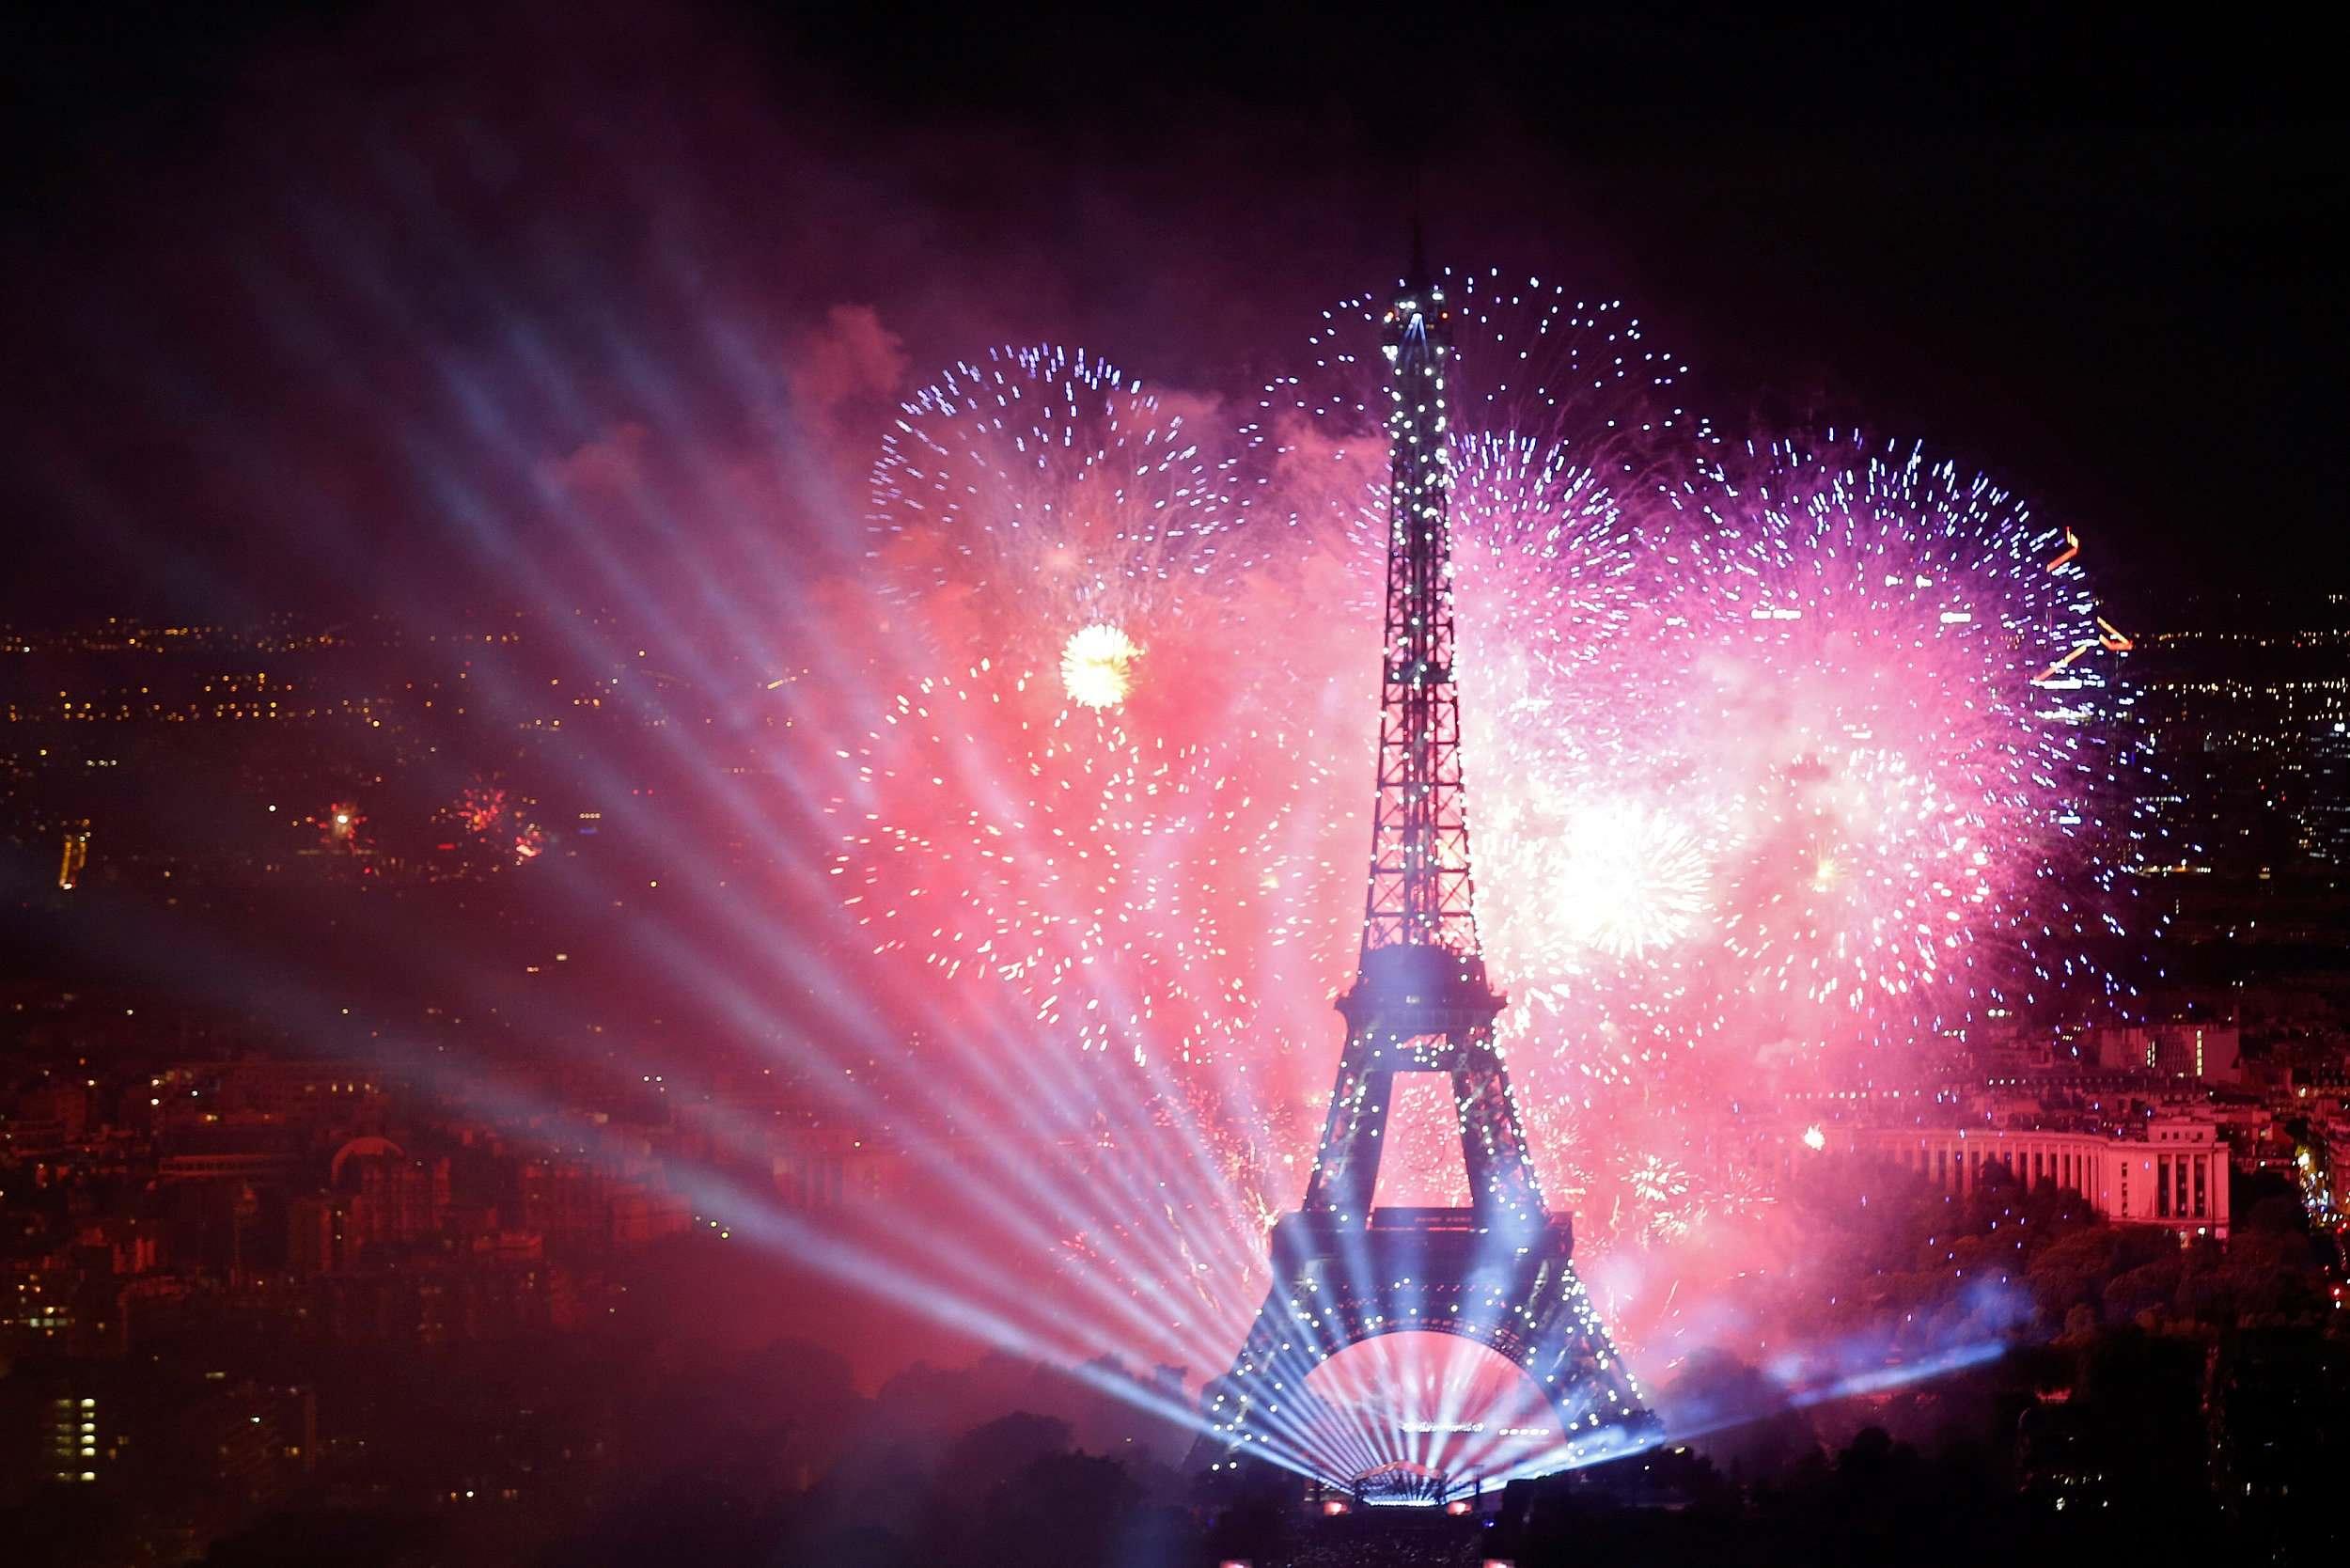 bastille day fireworks illuminate the eiffel tower - cgtn